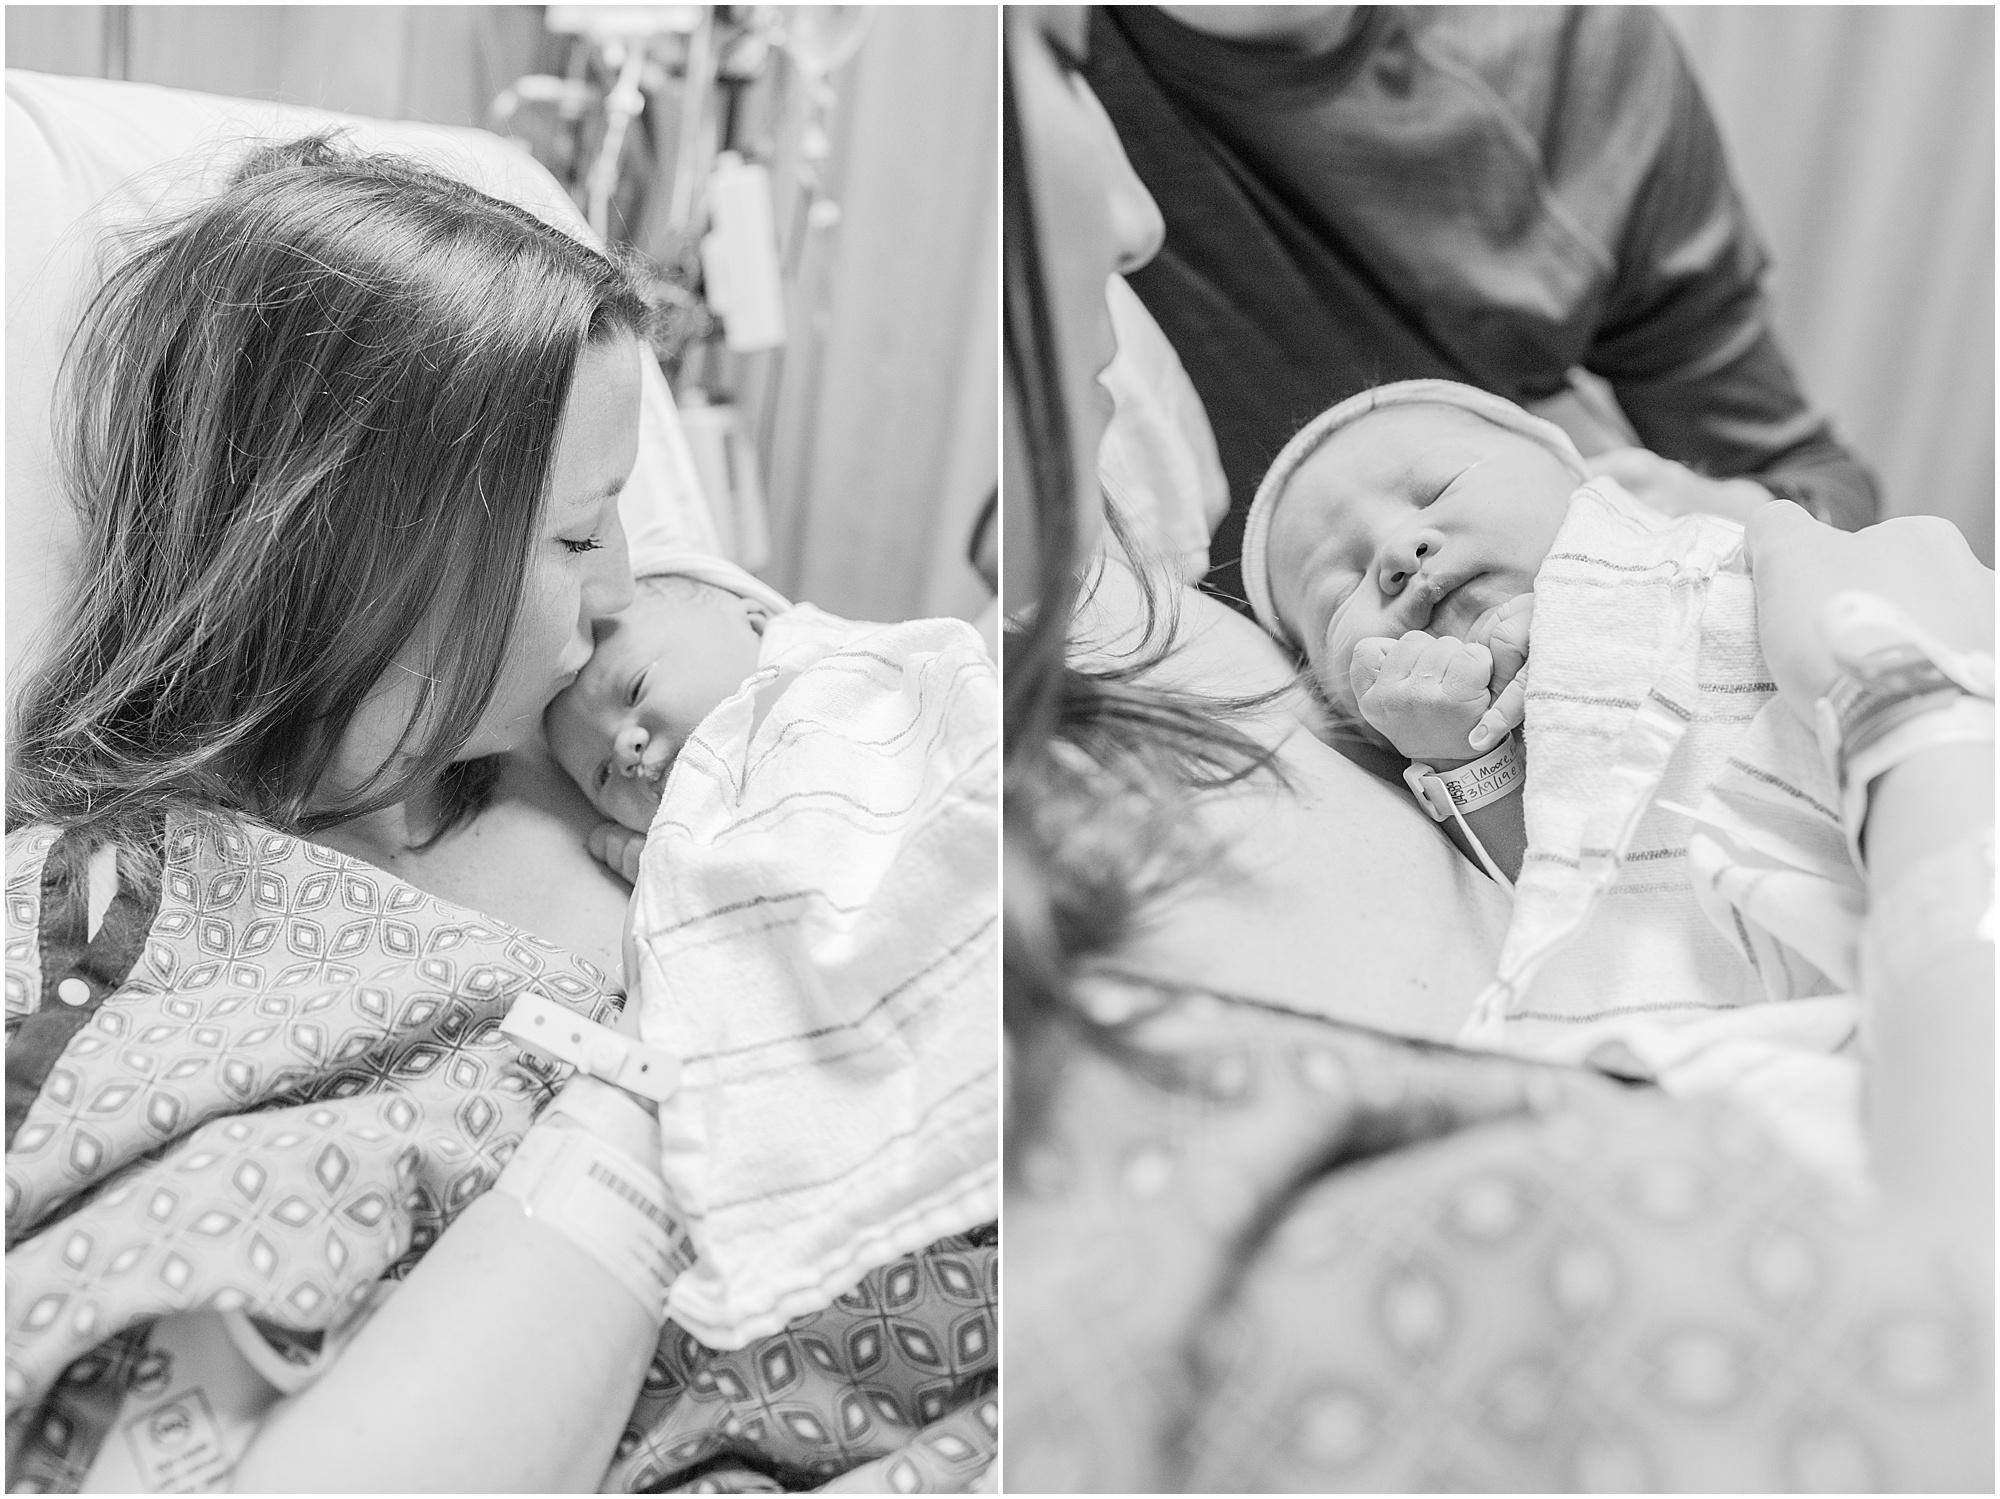 mississippi-newborn-family-photographer_0007.jpg